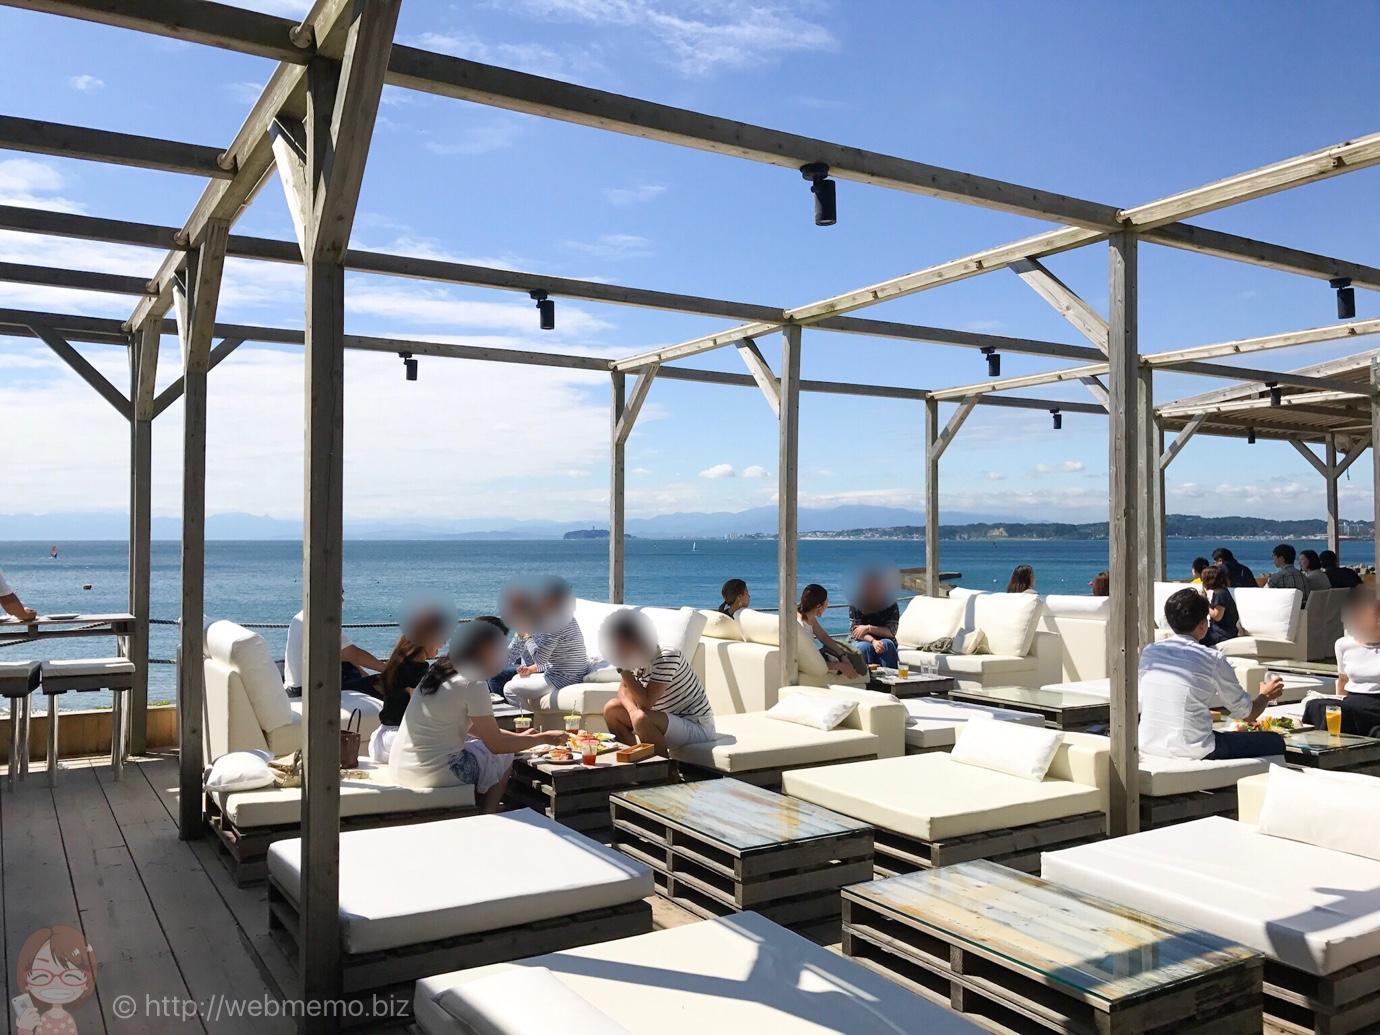 神奈川県「カボン」は海・砂浜が目の前の絶景リゾートカフェ!快晴の日に行ったら気持ち良すぎた